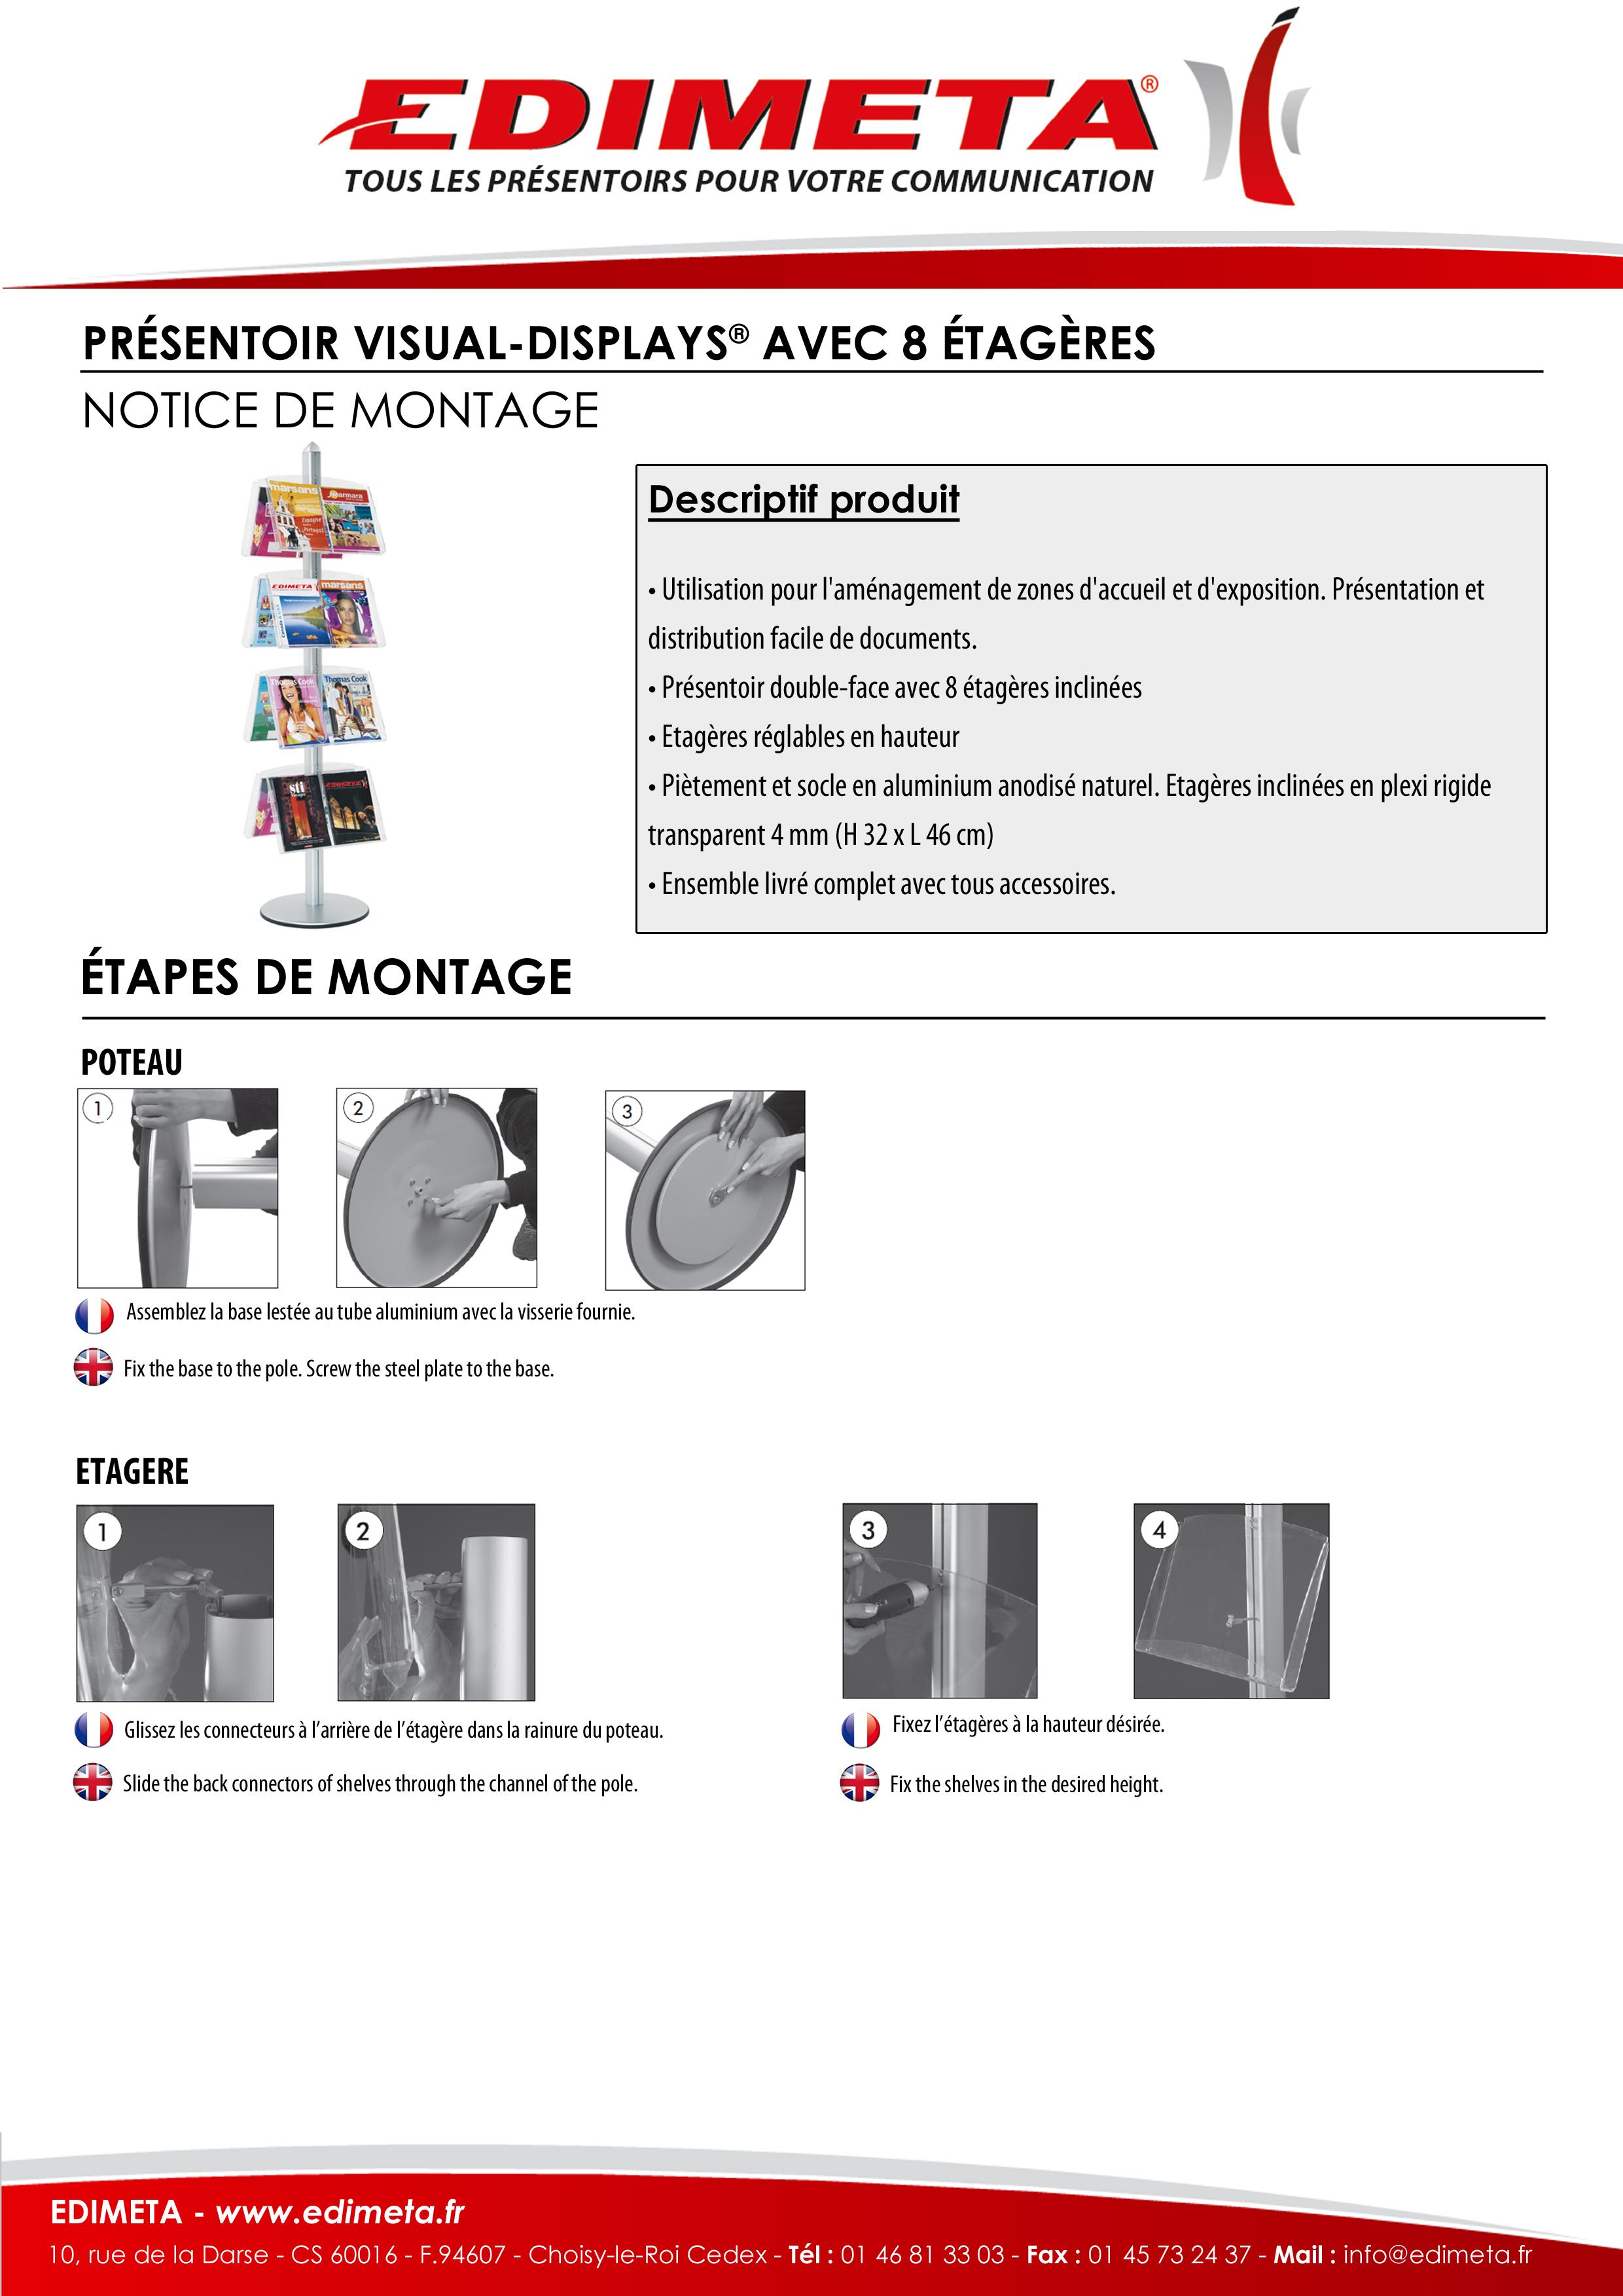 NOTICE DE MONTAGE : PRÉSENTOIR VISUAL-DISPLAYS® AVEC 8 ÉTAGÈRES